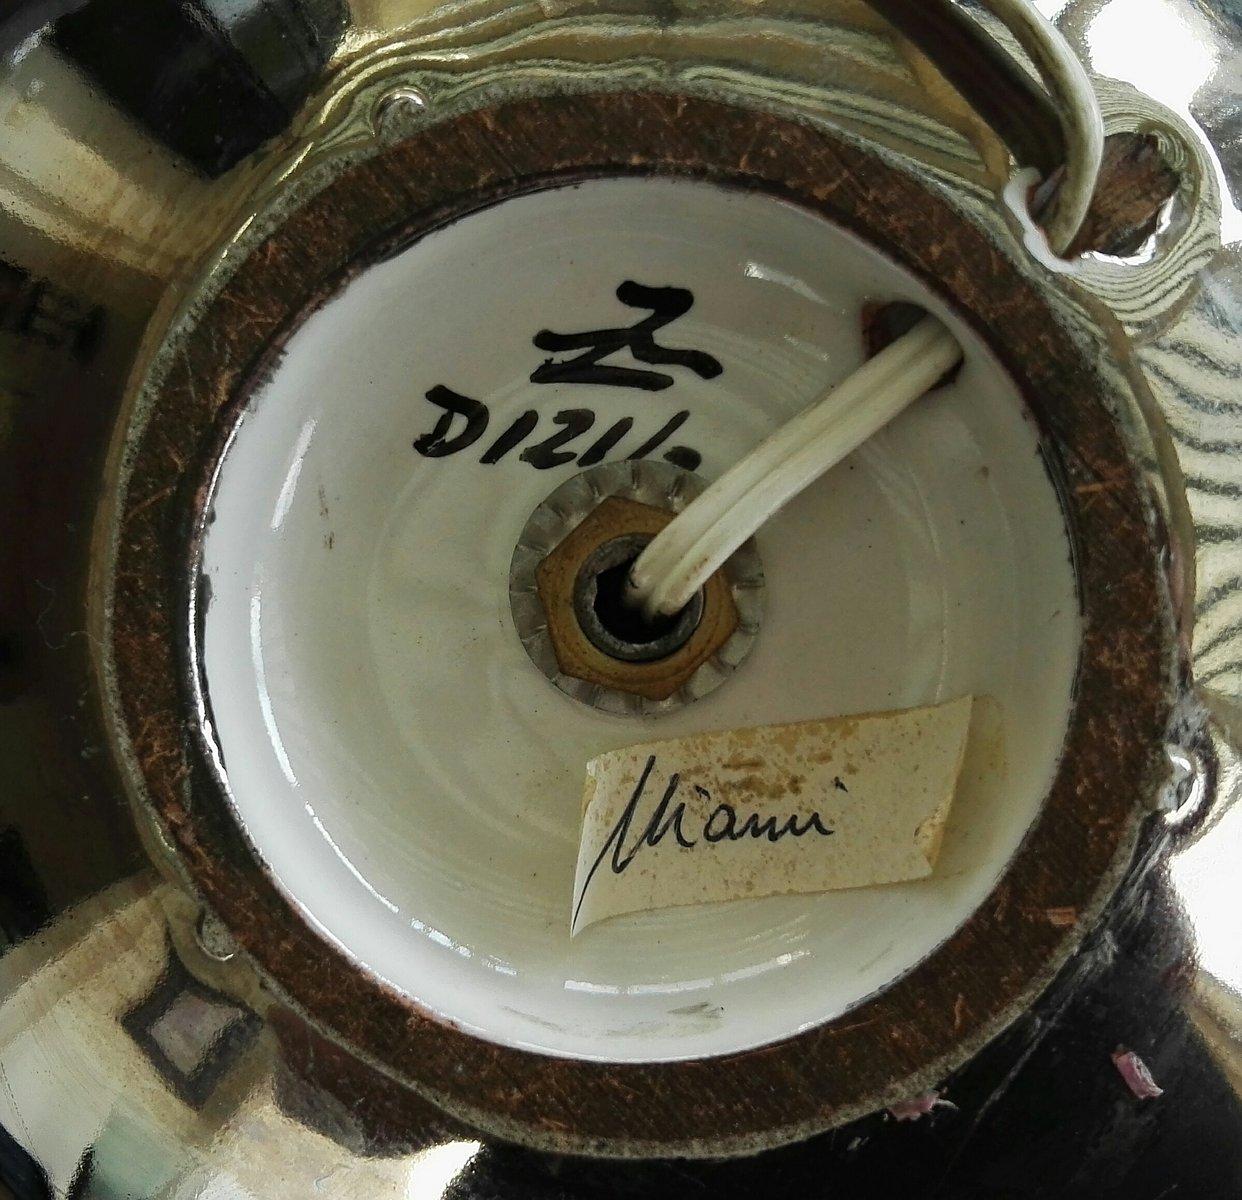 Lampade da tavolo miami in ceramica di ugo zaccagnini anni 39 50 set di 2 in vendita su pamono - Lampade da tavolo anni 50 ...